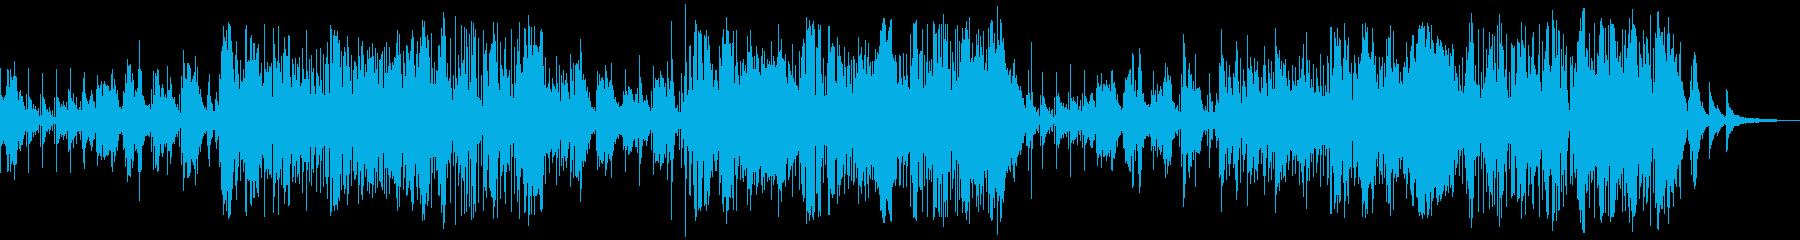 しみじみとした回想のバラードの再生済みの波形